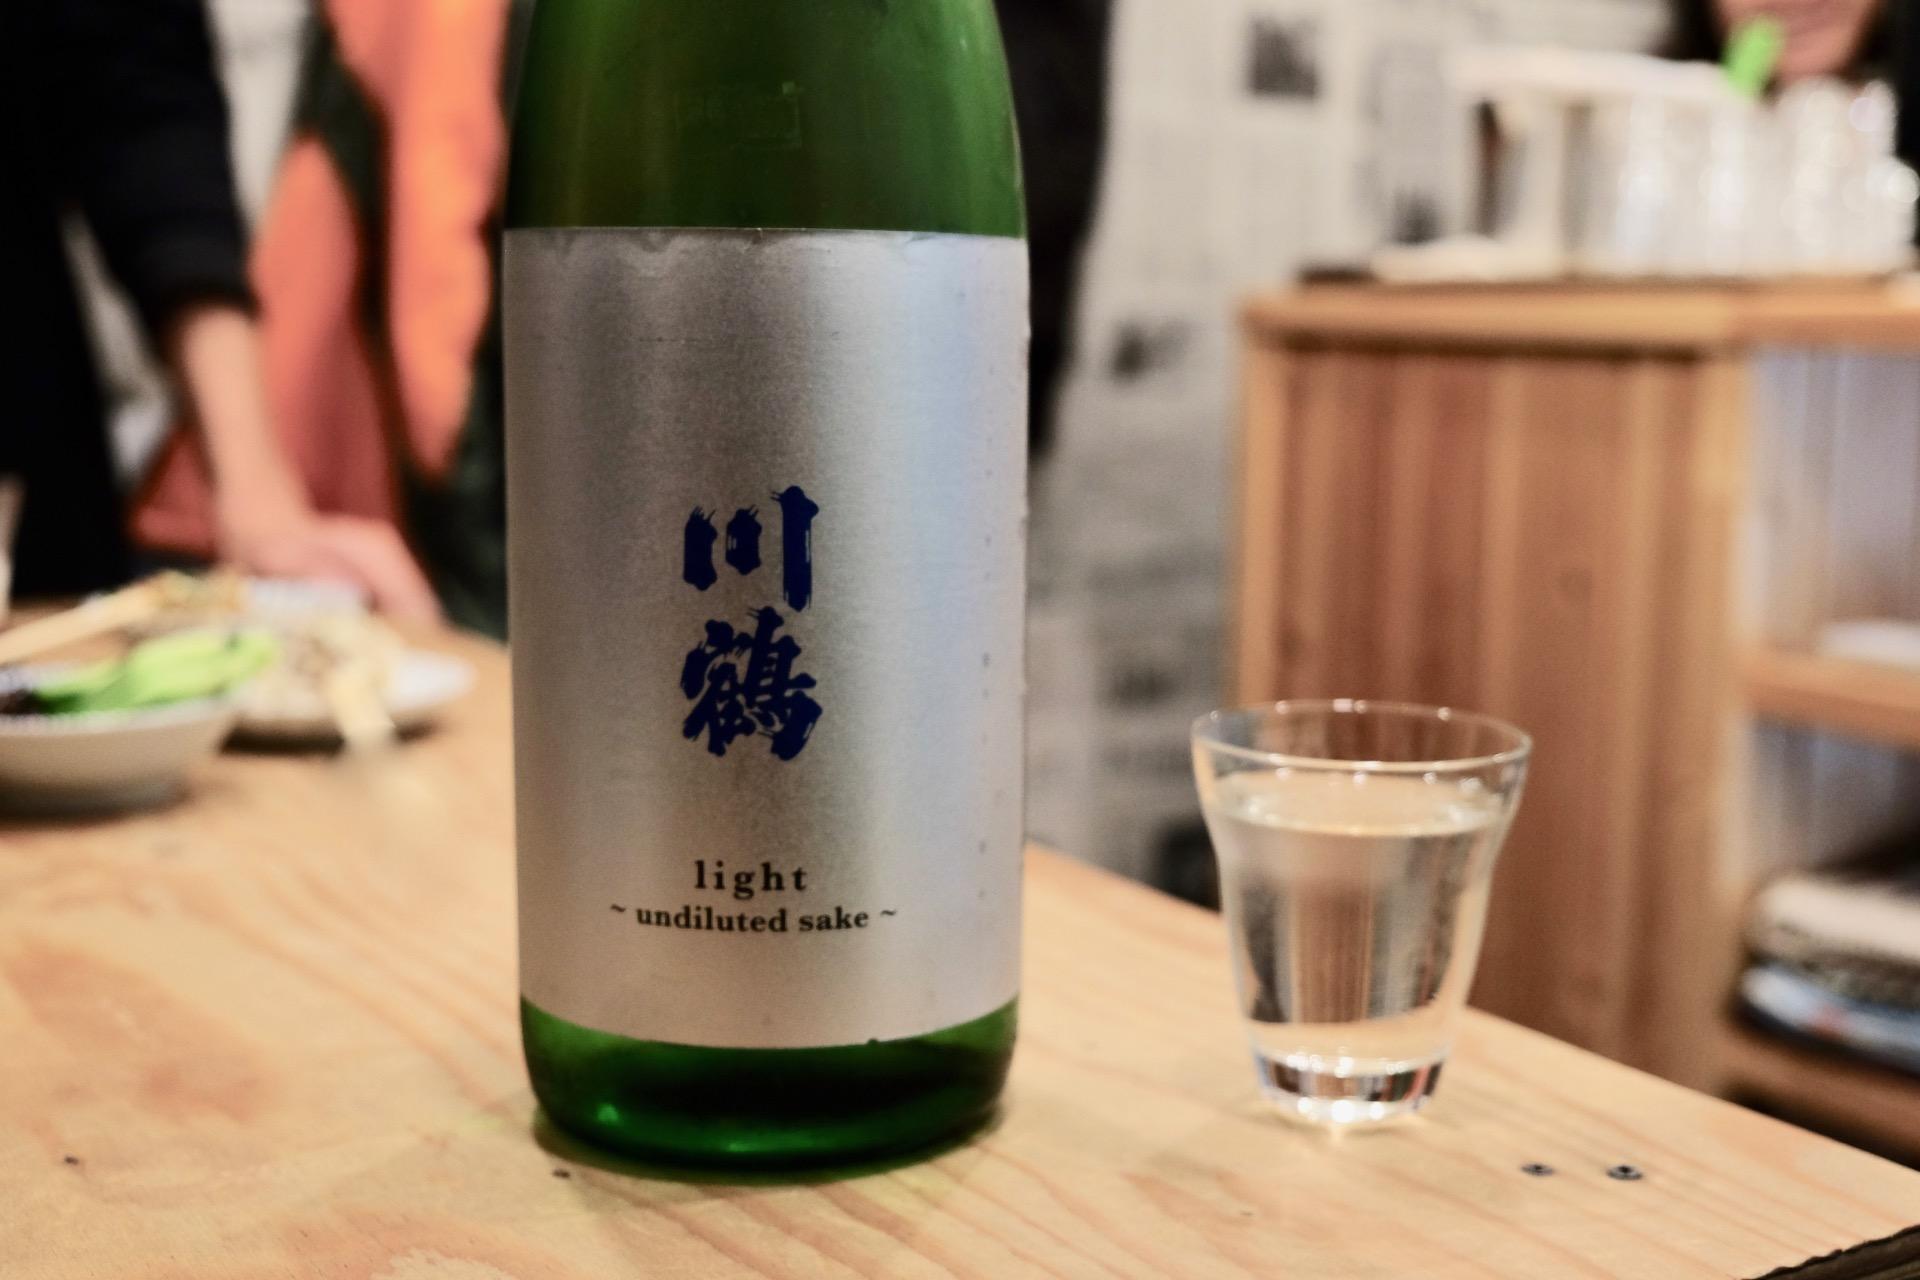 川鶴 light 〜undiluted sake〜|日本酒テイスティングノート